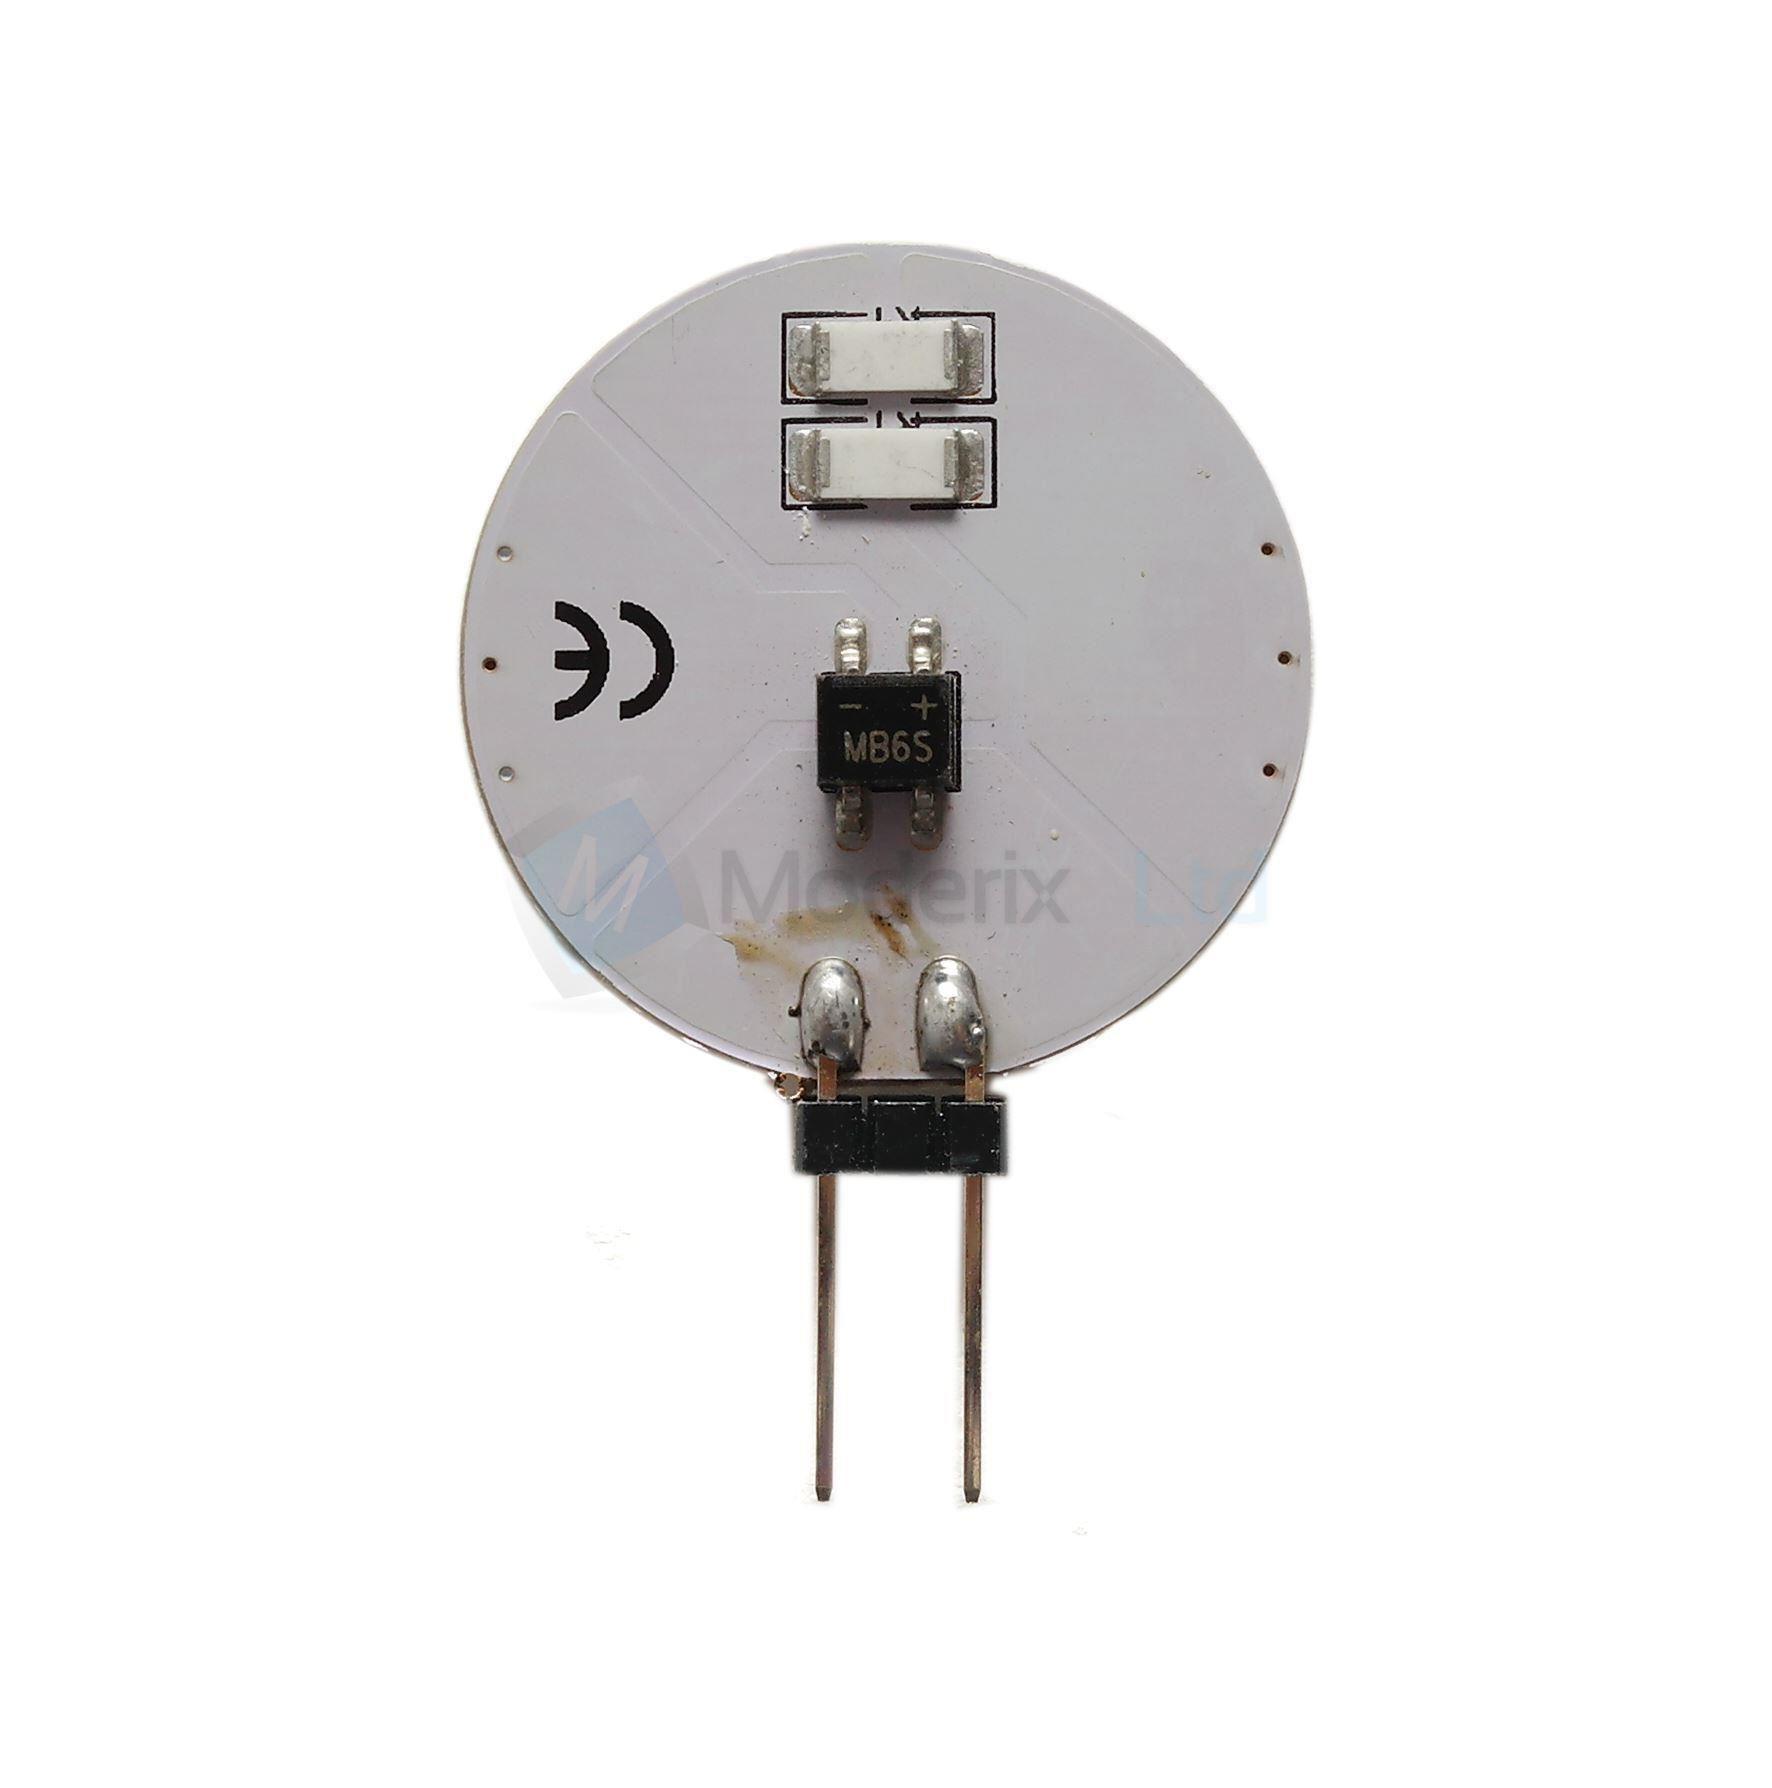 g4 led capsule dc 12v smd cob light bulbs lamps car boat caravan halogen ebay. Black Bedroom Furniture Sets. Home Design Ideas